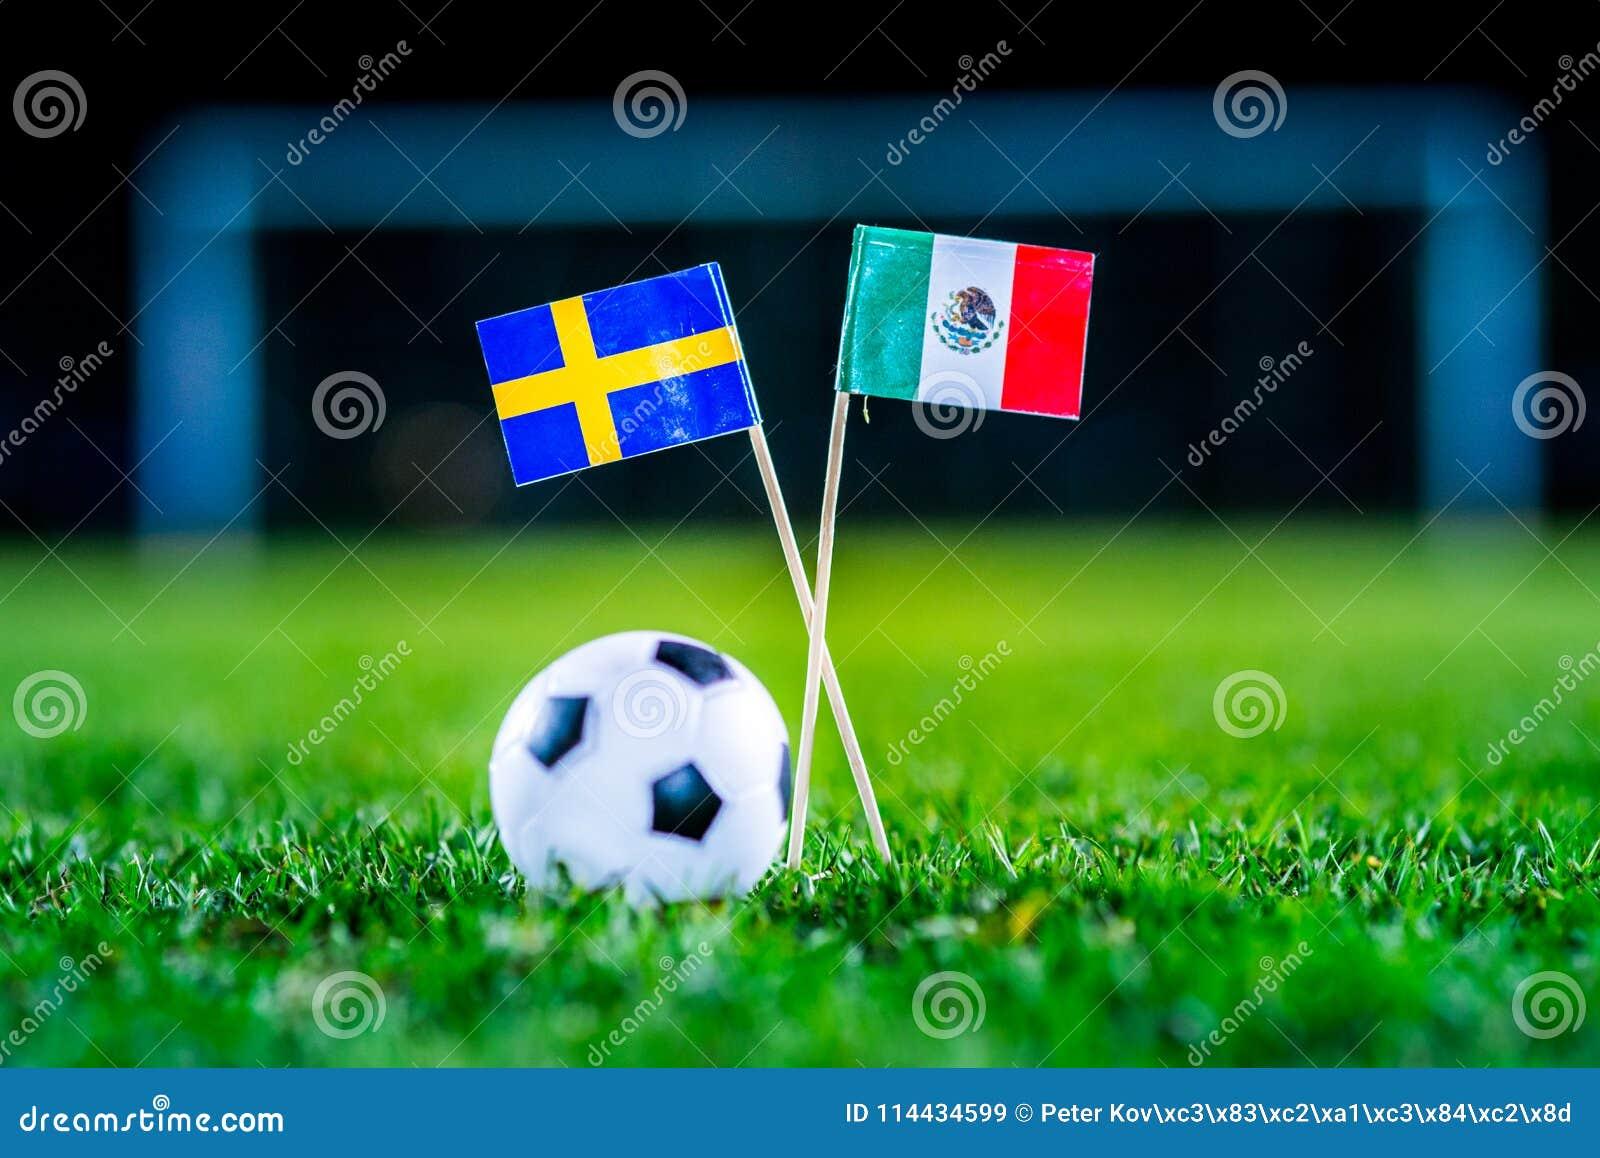 México - Suécia, grupo F, quarta-feira, 27 junho, futebol, campeonato do mundo, Rússia 2018, bandeiras nacionais na grama verde,